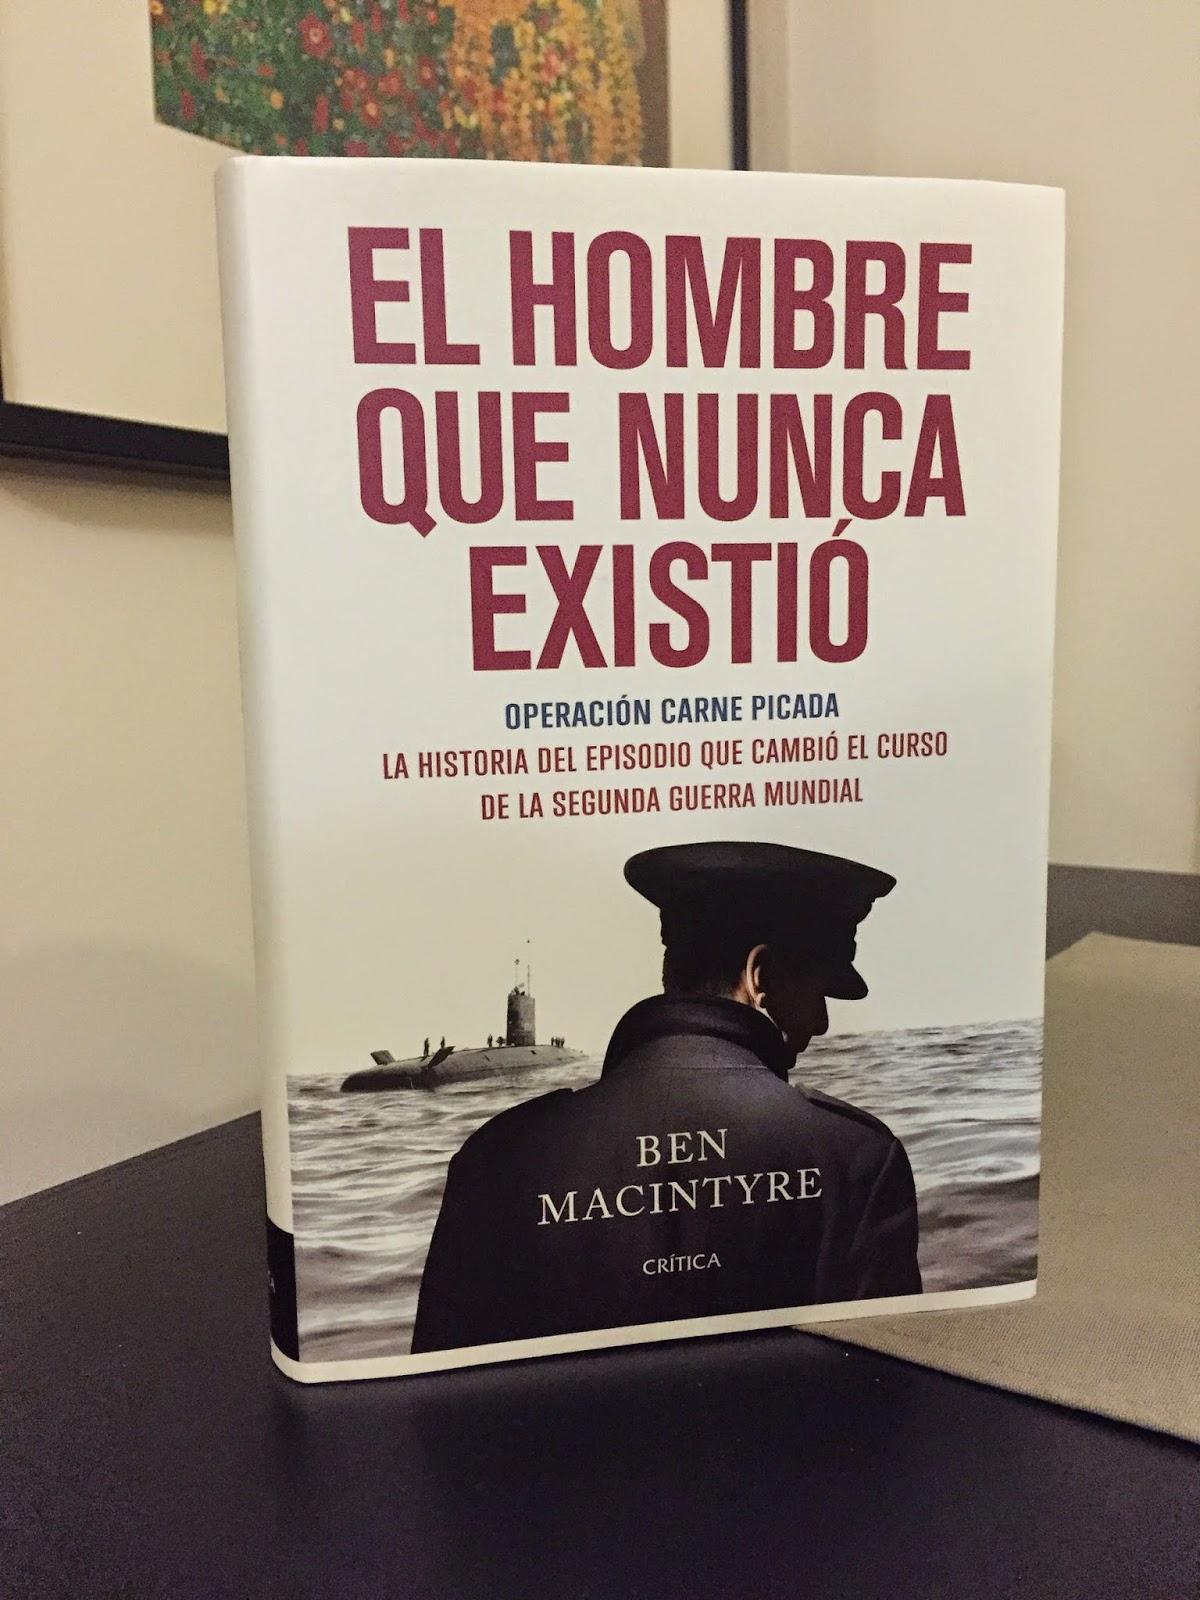 Libros de guerra, Segunda Guerra Mundial